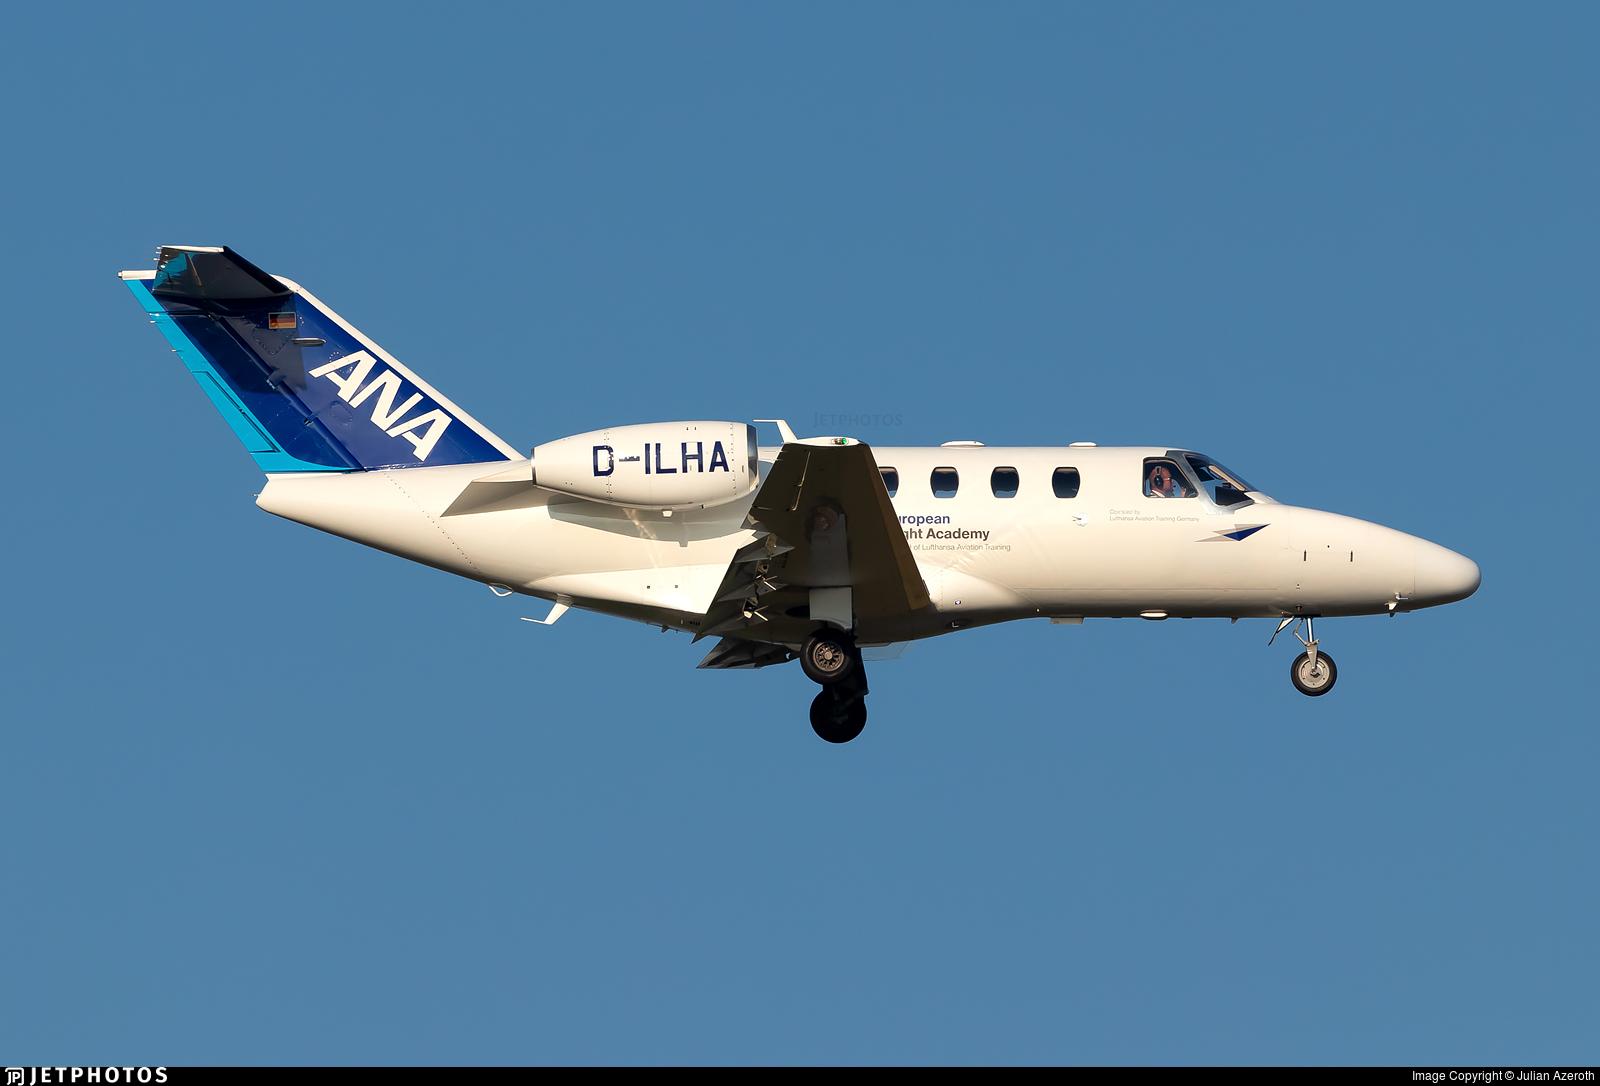 D-ILHA - Cessna 525 CitationJet 1 - European Flight Academy